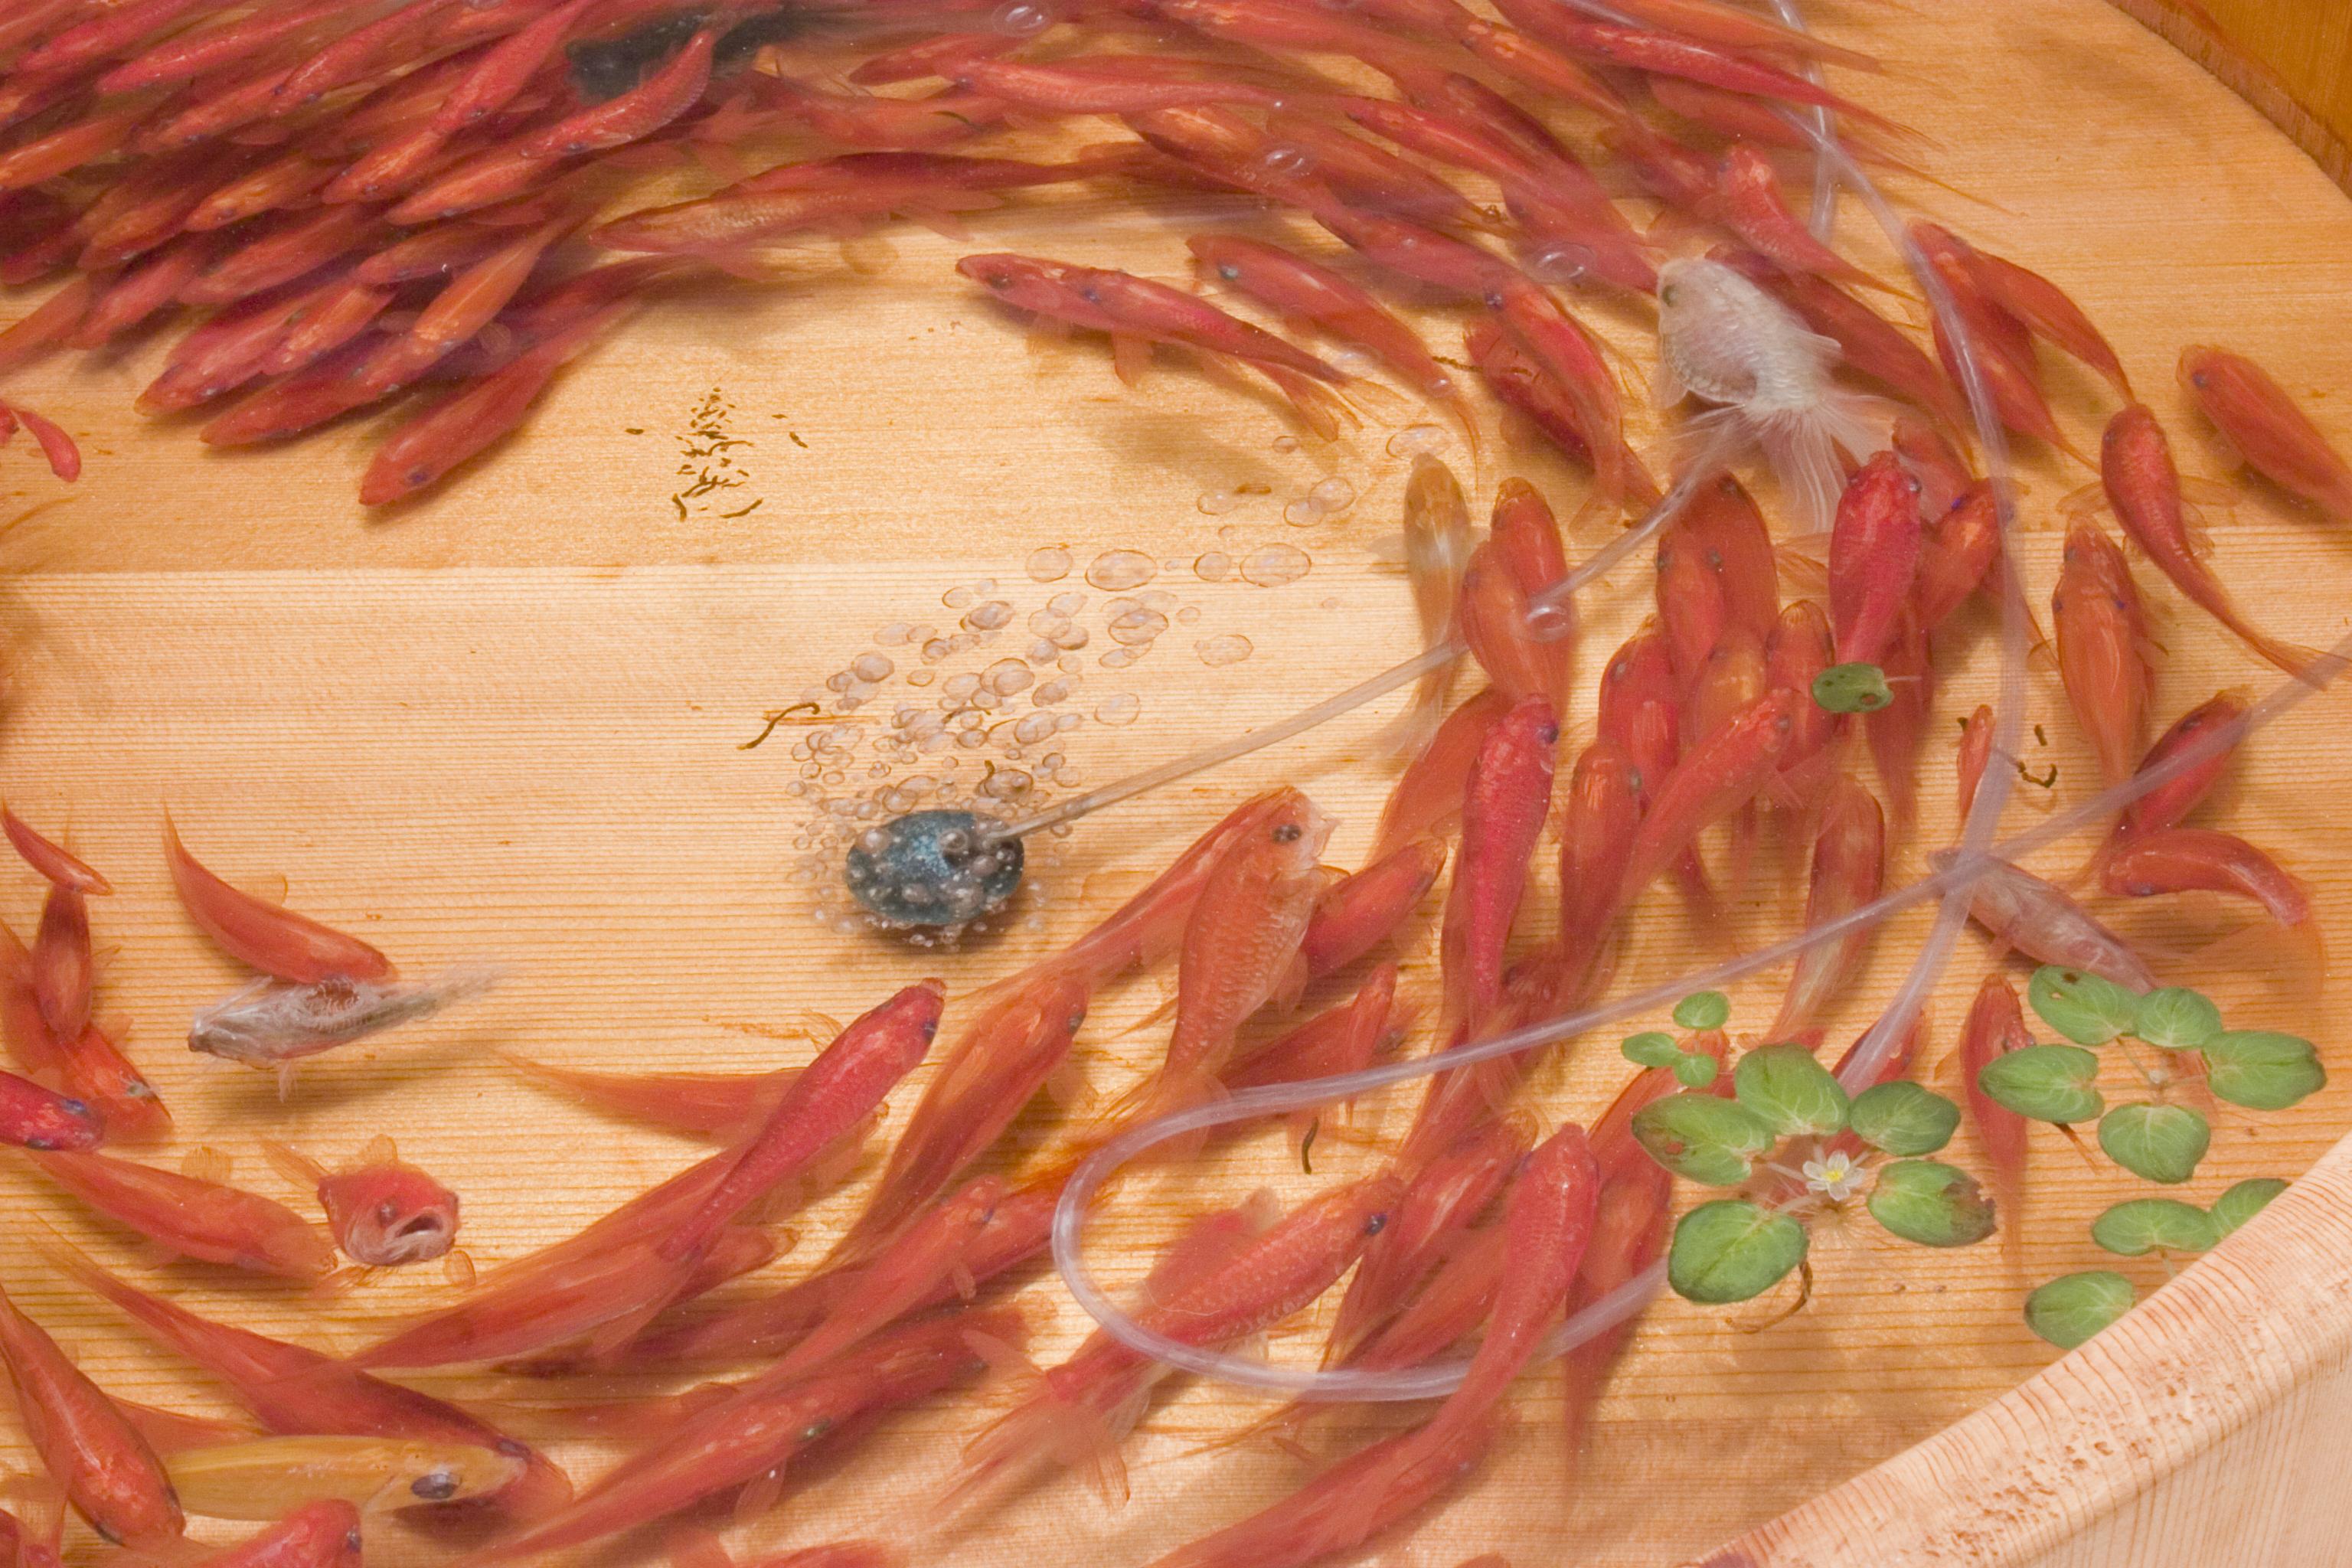 Muses, Riusuke Fukahori - Goldfish Salvation